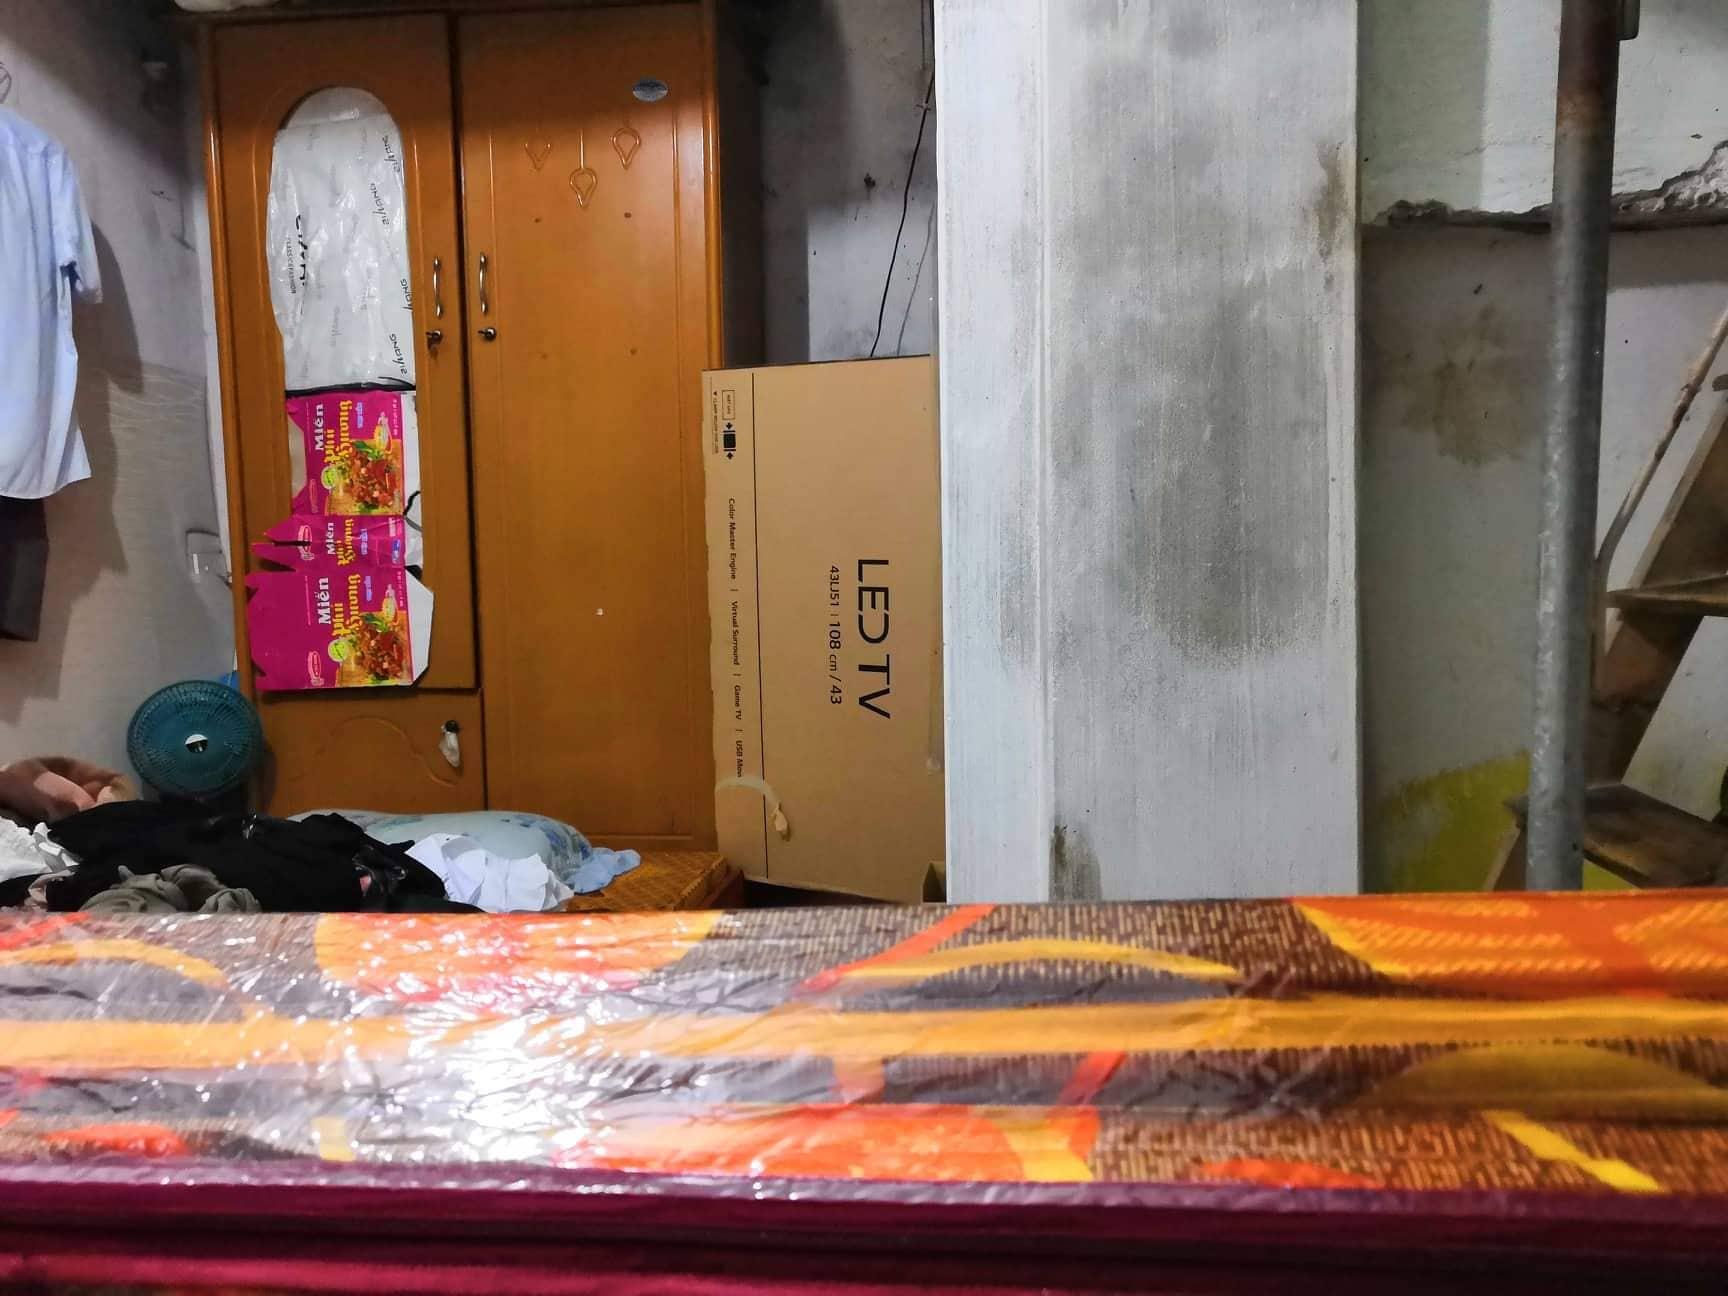 Căn phòng của chị D. và cháu bé 18 ngày tuổi đang nằm ngủ bị đối tượng ra tay sát hại khiến chị D. tử vong